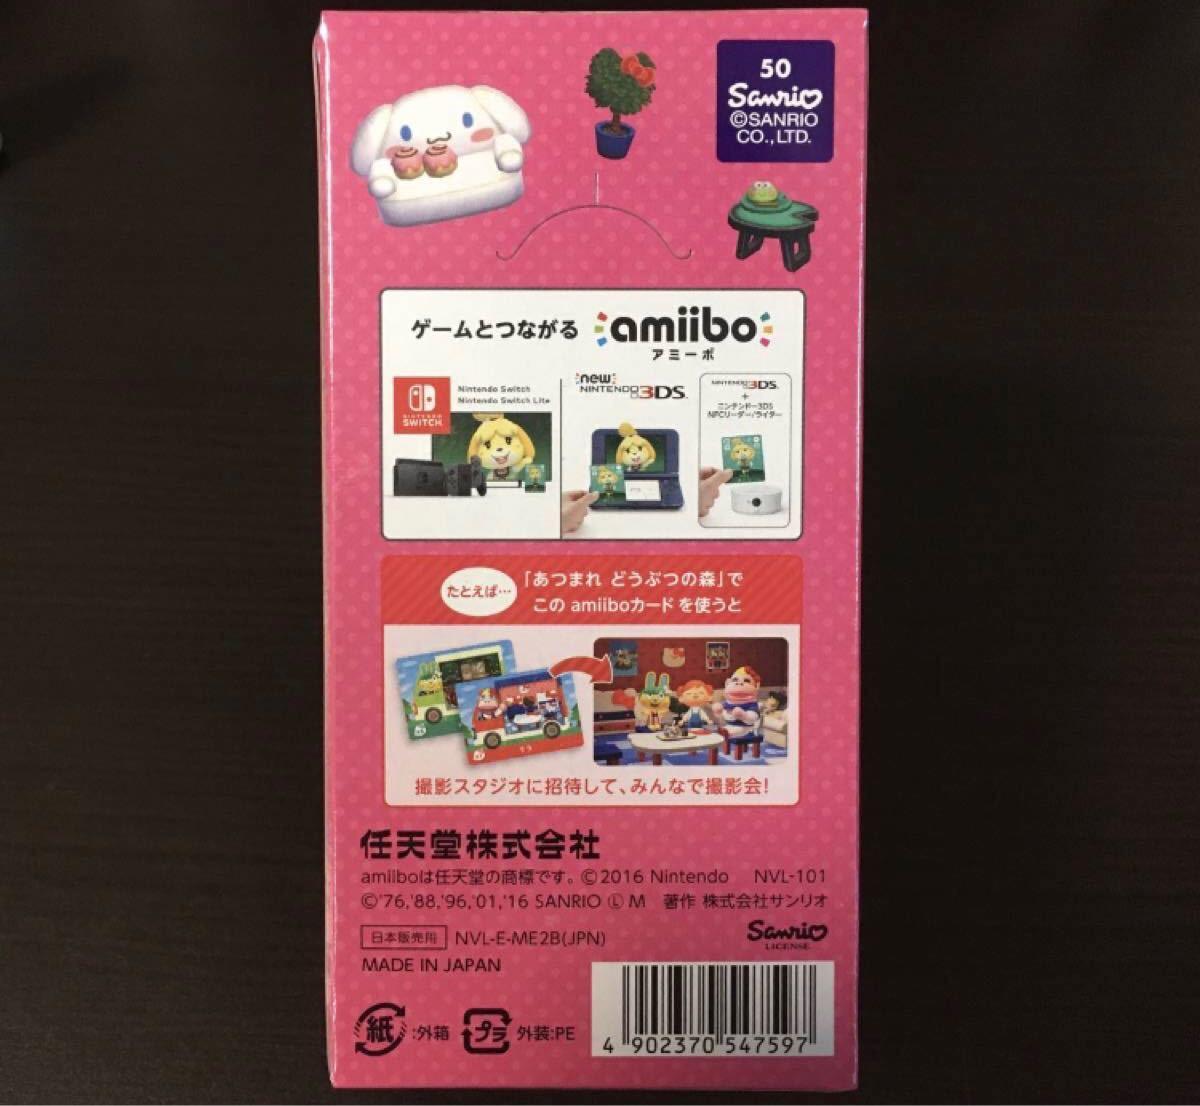 とびだせ どうぶつの森 amiibo+ amiiboカード サンリオキャラクターズコラボ 2BOX 復刻版 アミーボ